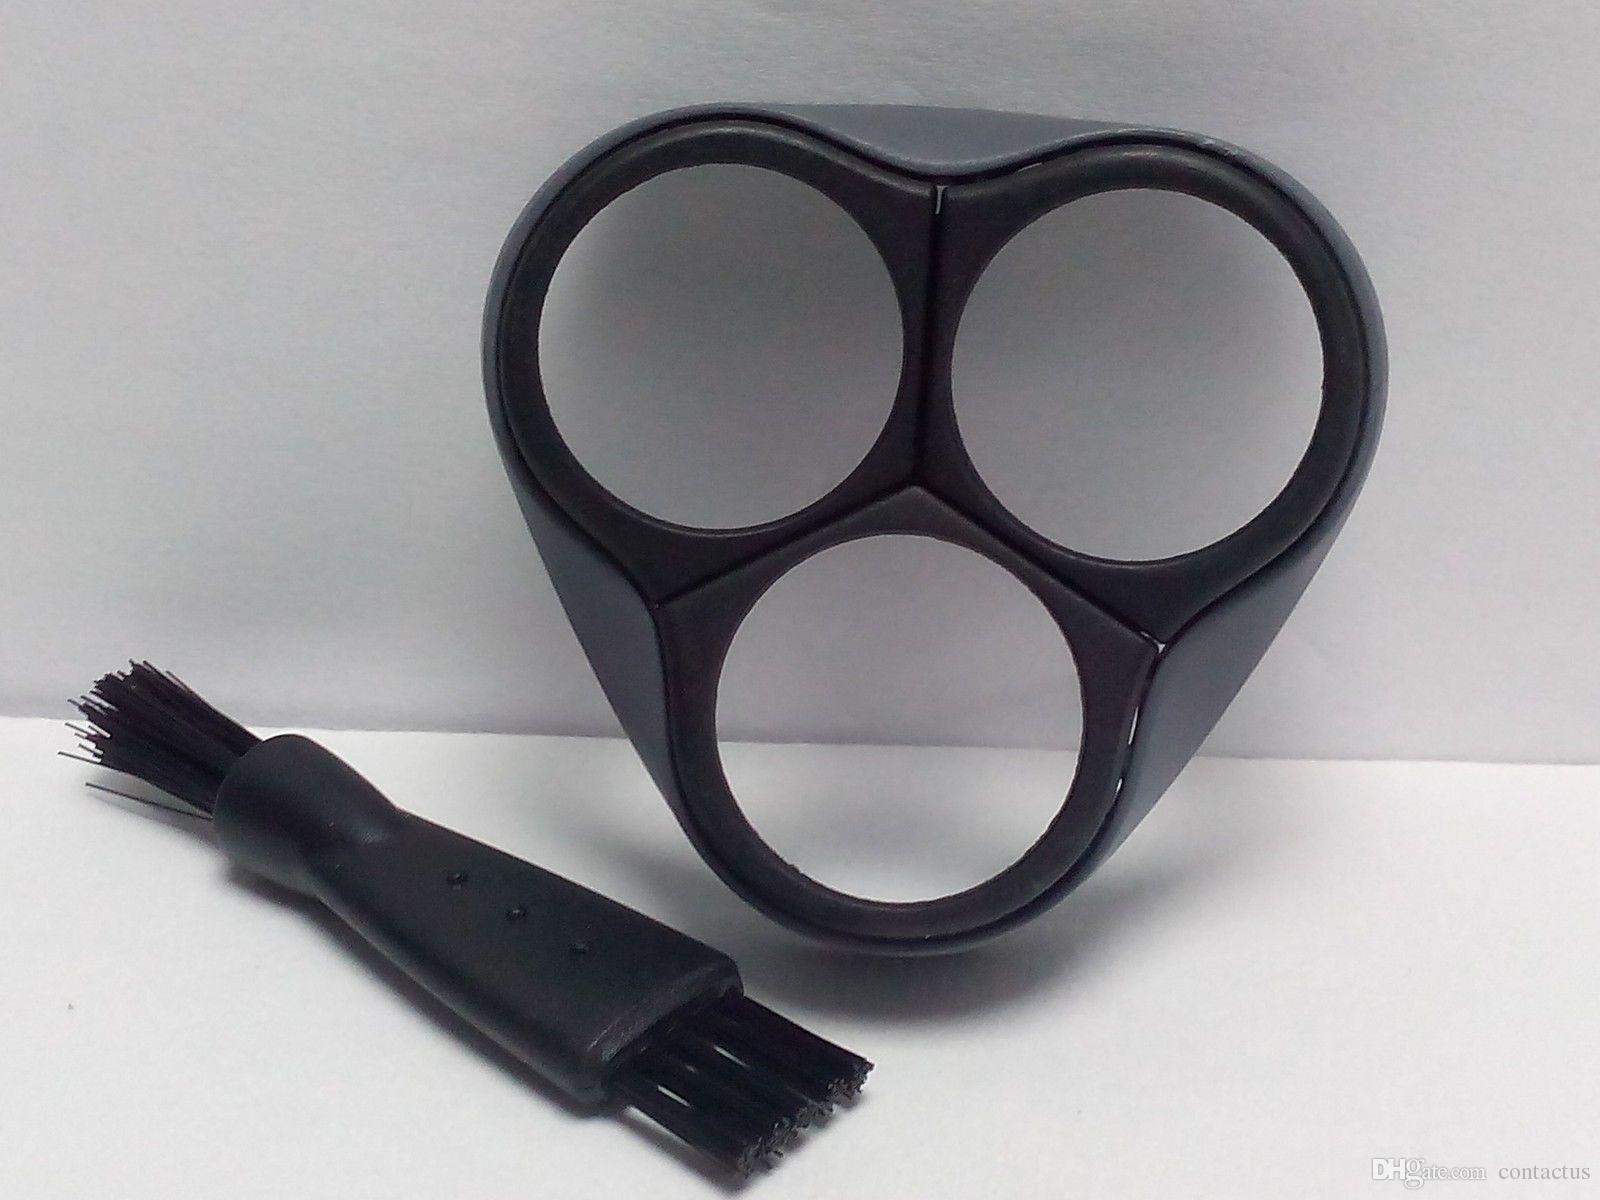 New Shaver Razors Head Frame Holder Cover Gray For Philips Norelco HQ6900 HQ6940 HQ6950 HQ6970 HQ6990 HQ6405 HQ6415 HQ6423 HQ6941 HQ6942